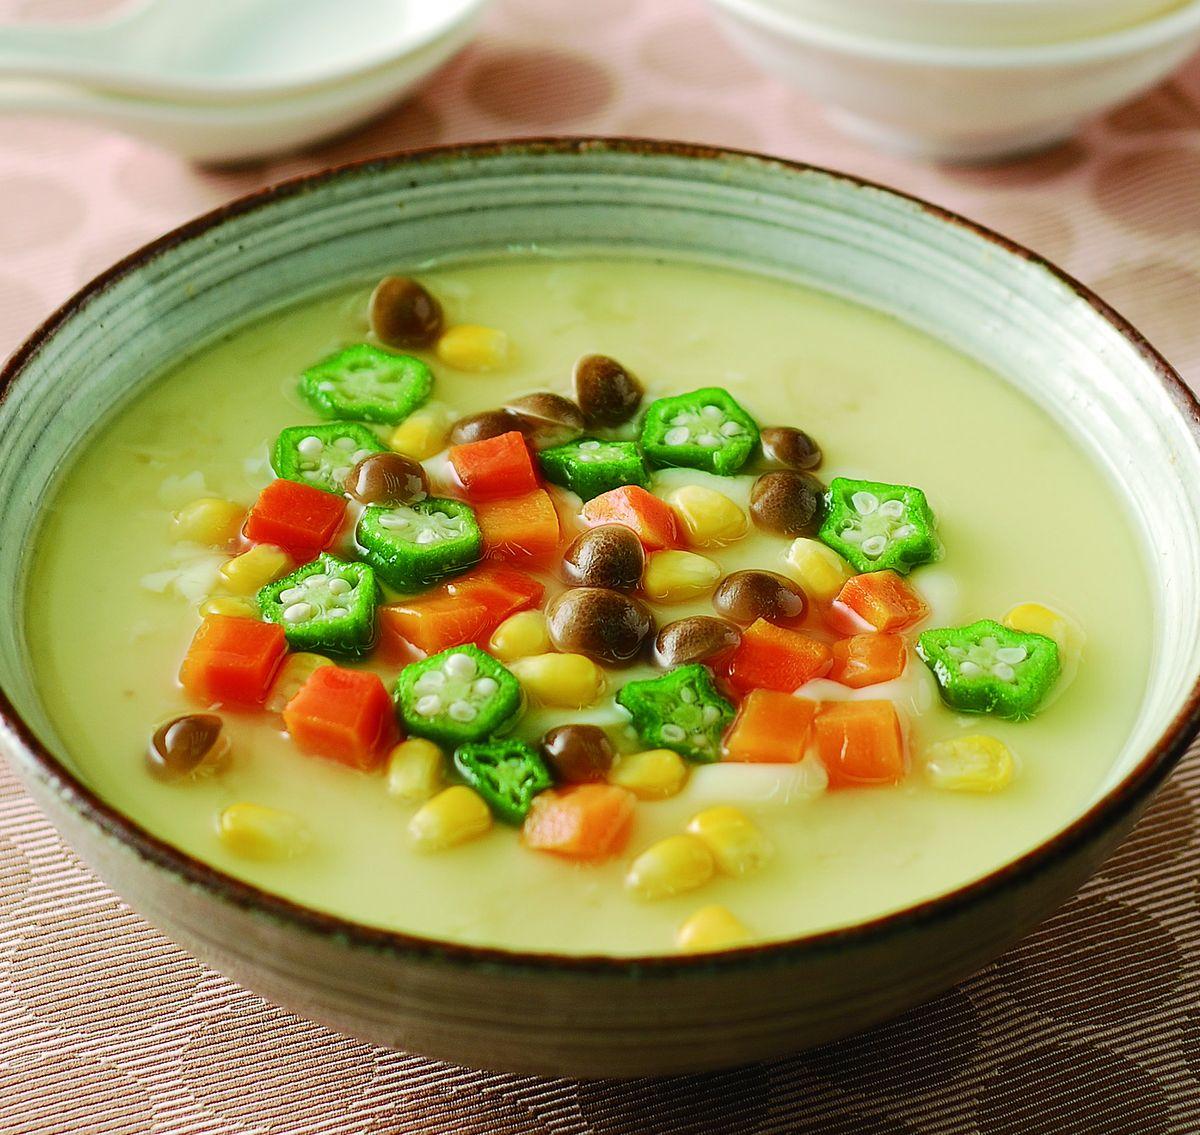 食譜:蔬菜蒸蛋